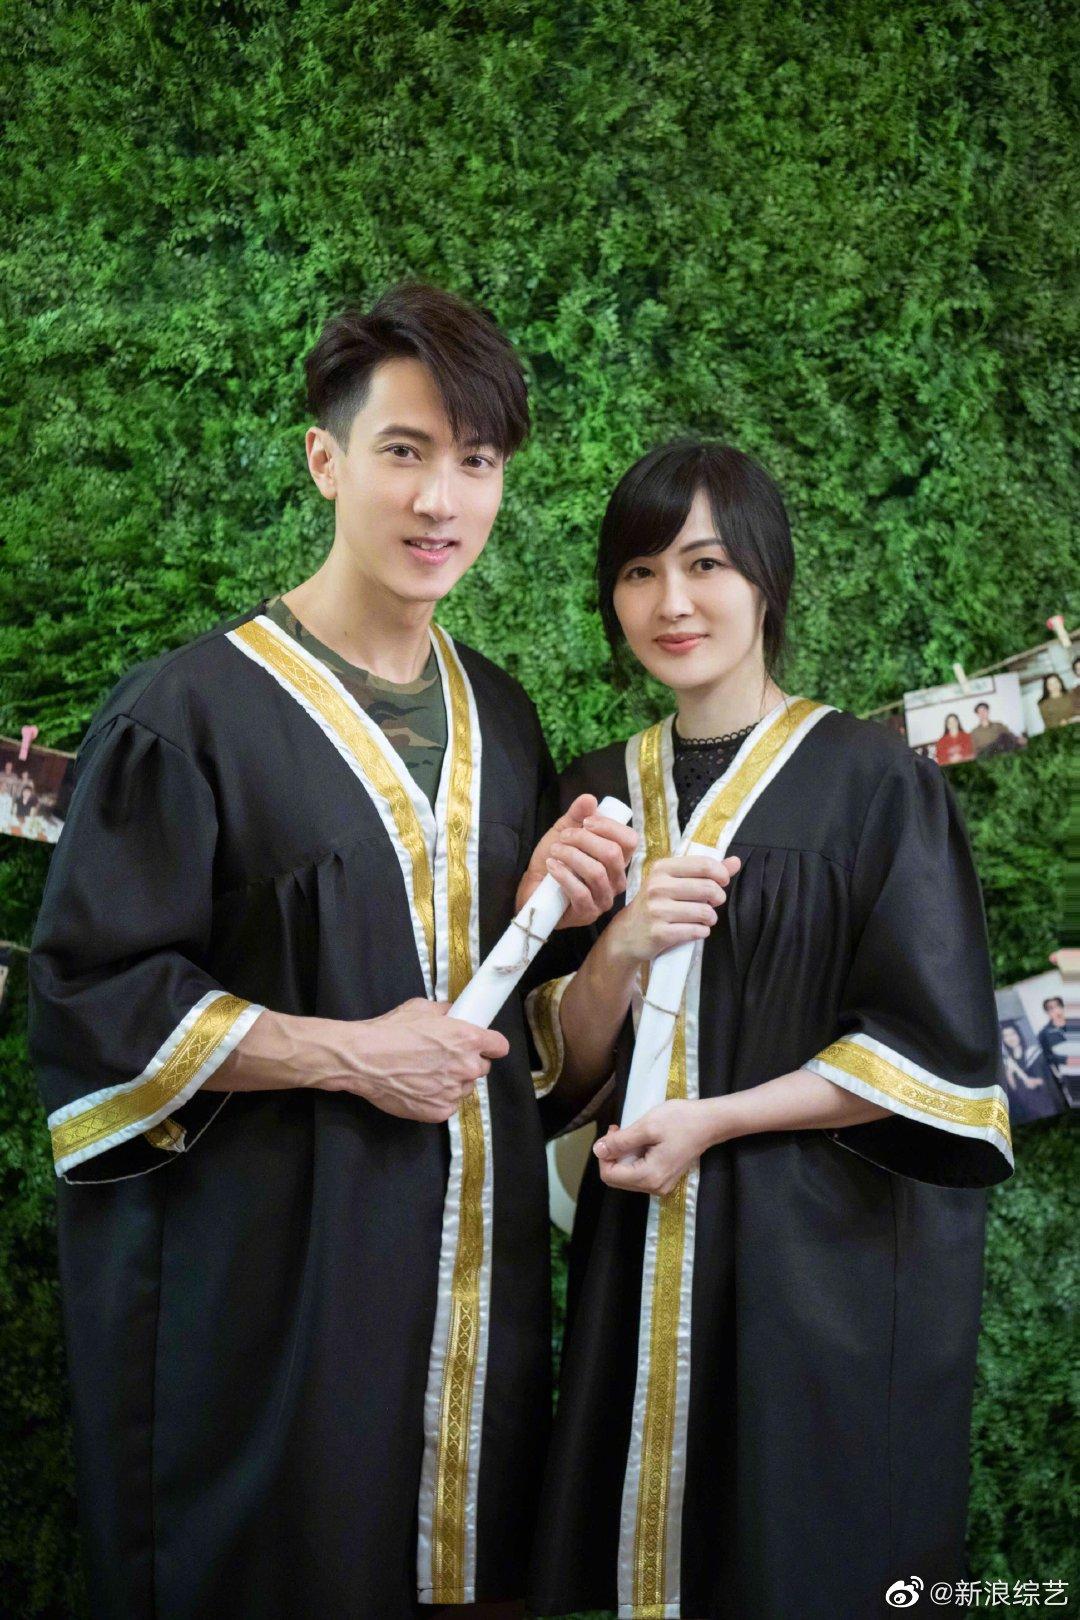 《婚前21天》发布一组@吴尊 、林丽吟身穿学士服的剧照。照片中